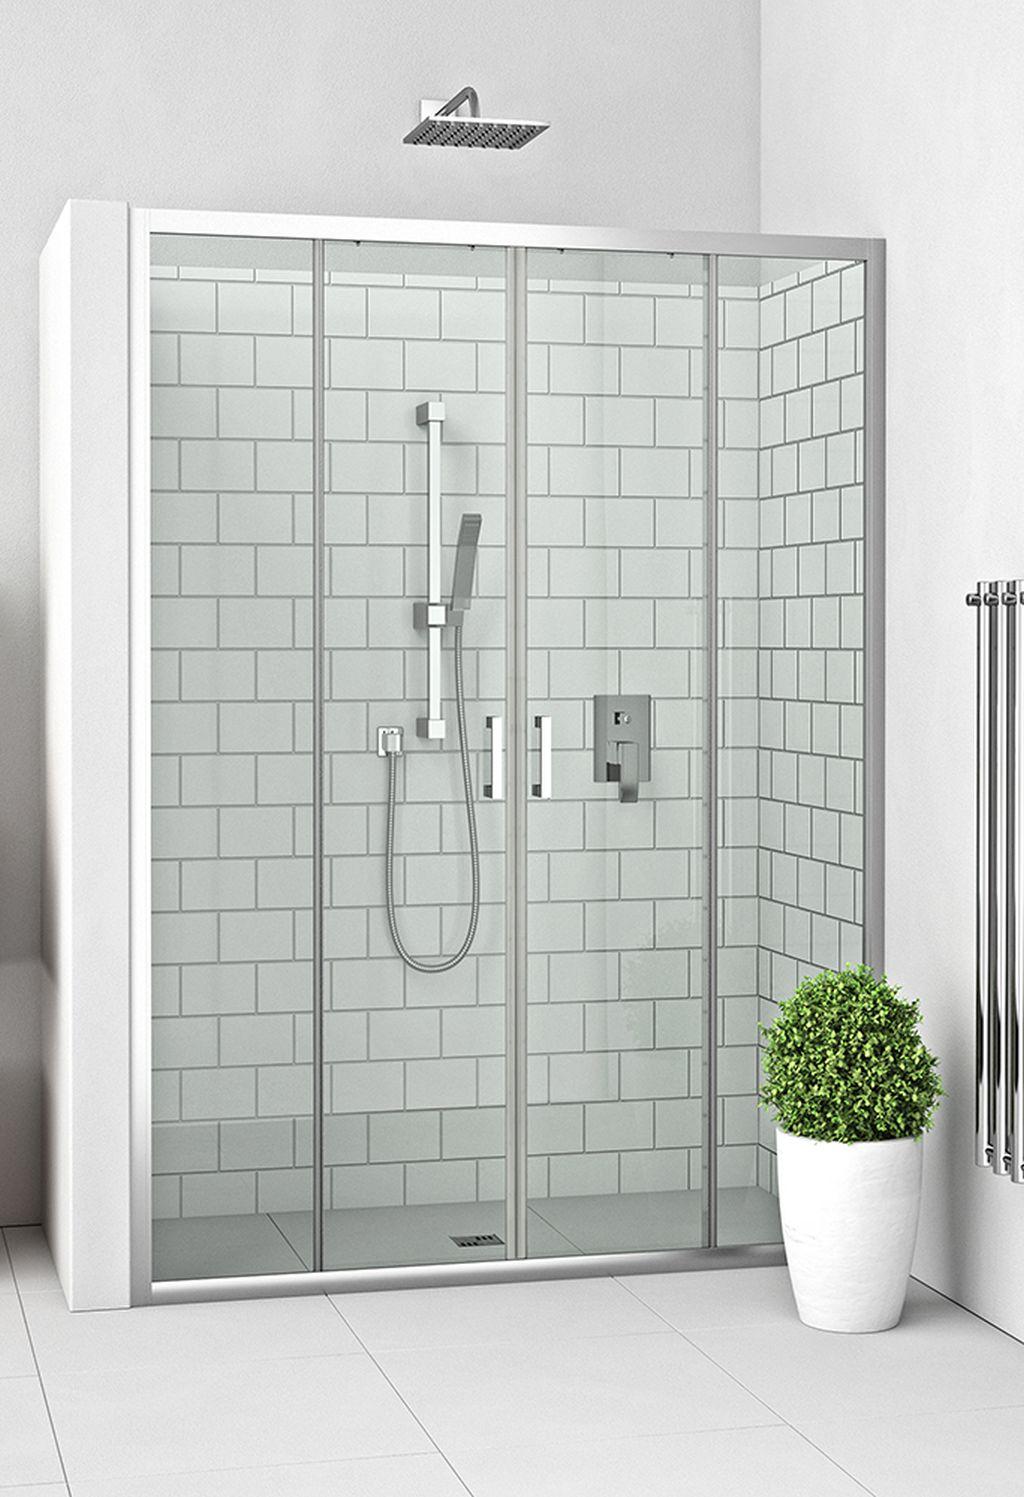 ROLTECHNIK Čtyřdílné sprchové dveře posuvné pro instalaci do niky LLD4/1300 brillant/transparent 574-1300000-00-02